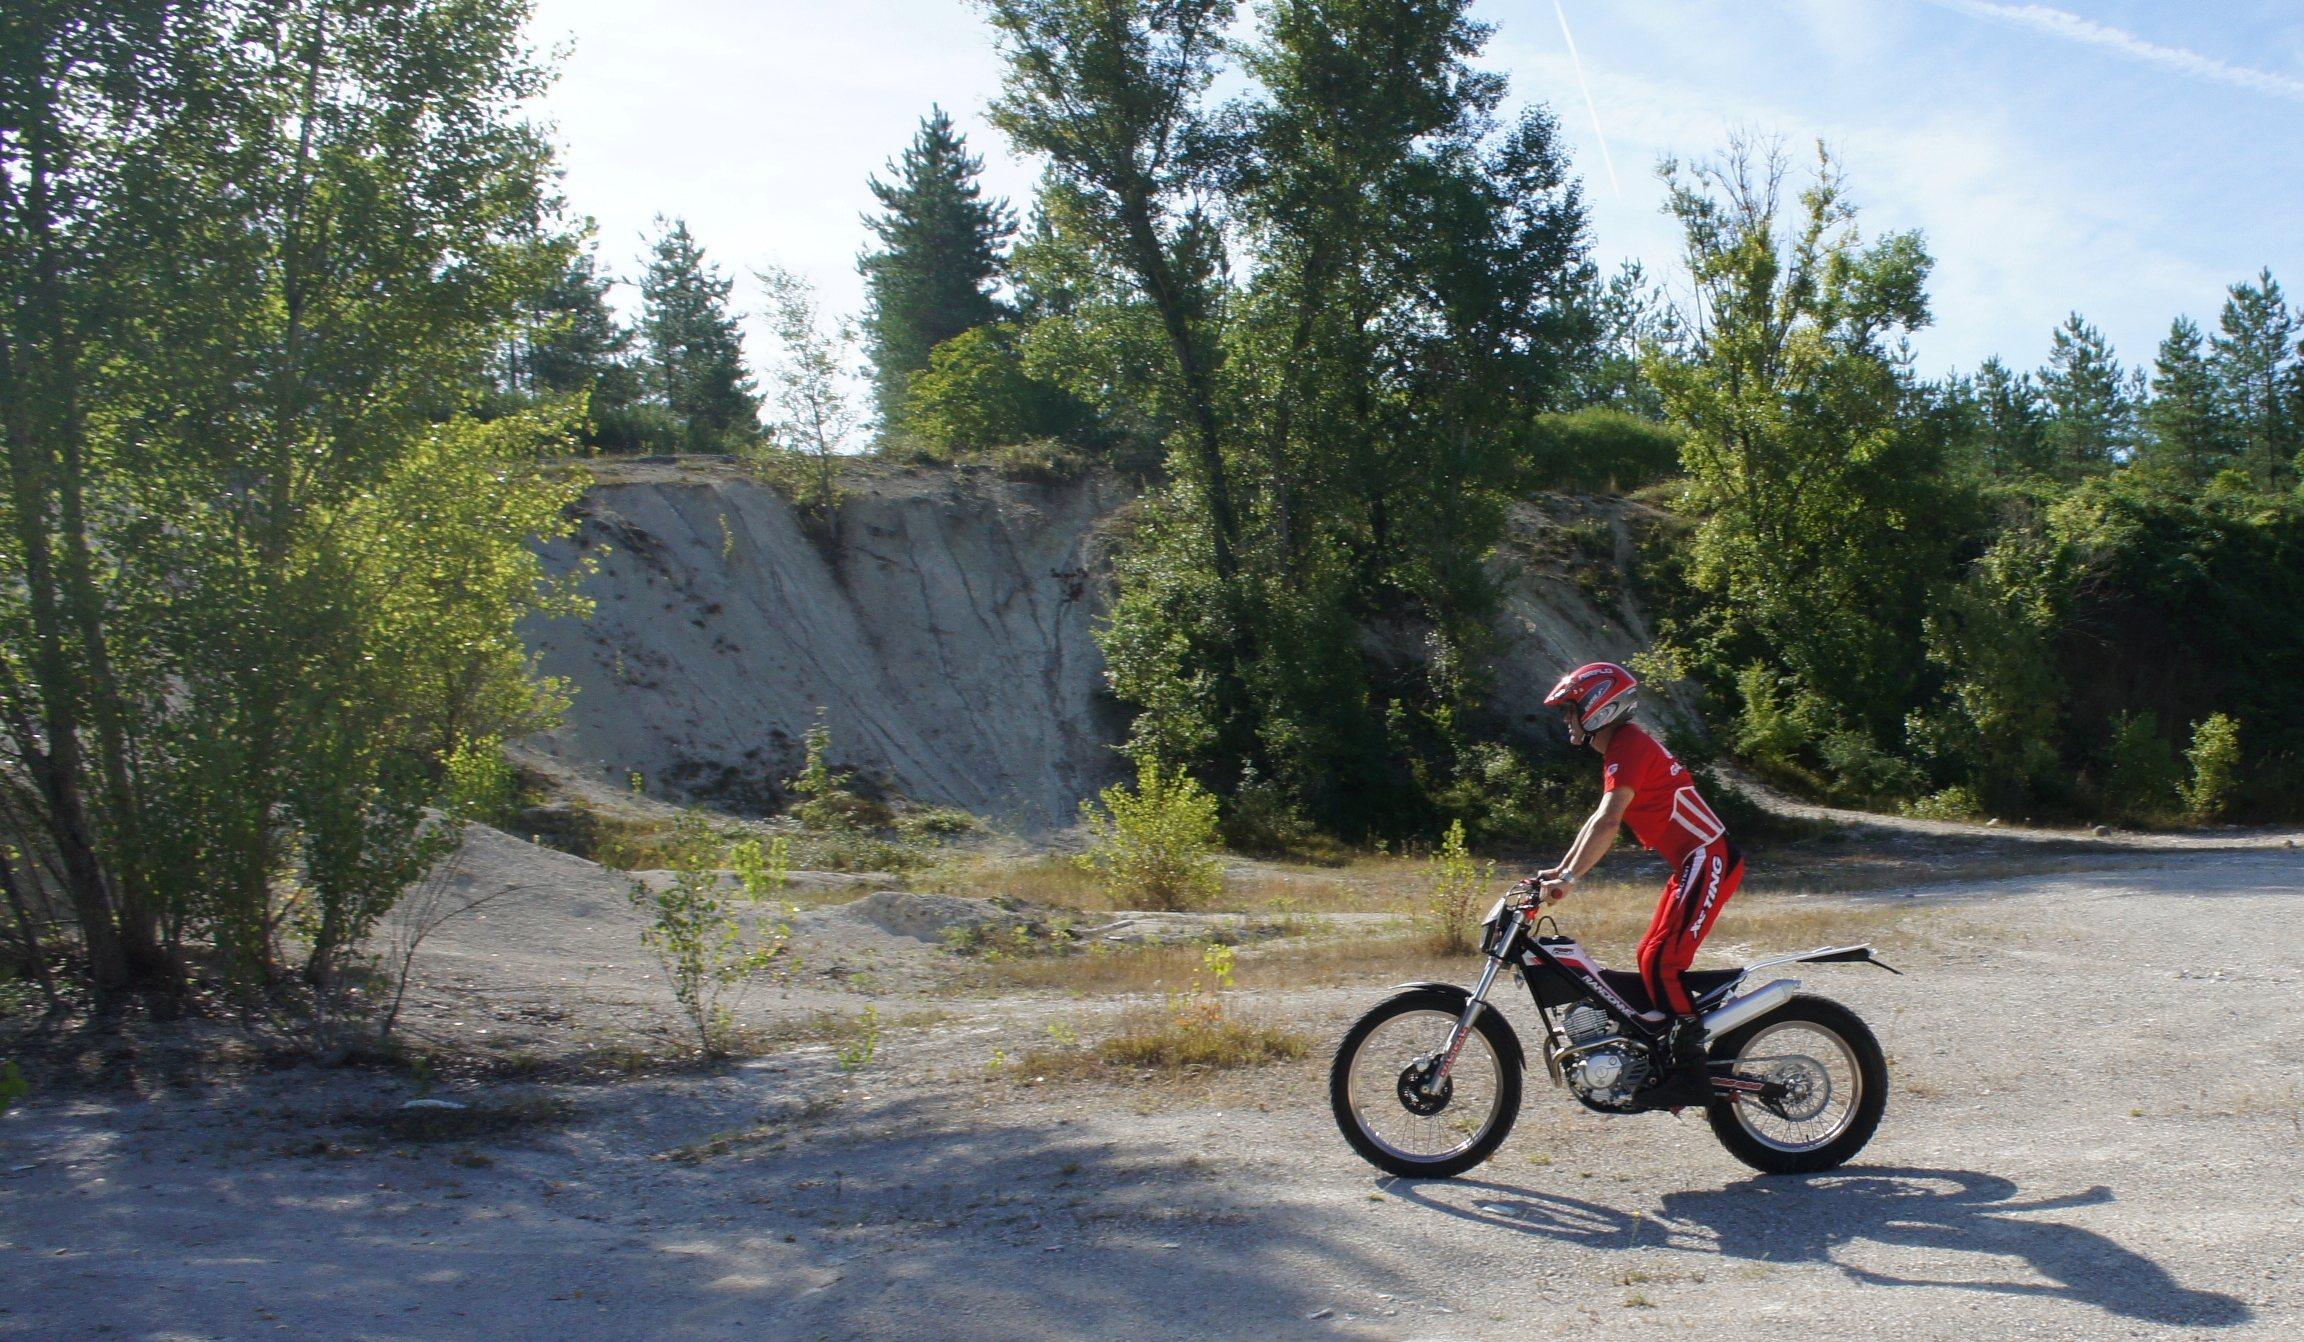 La CRF250L, la TTR 250, bref, les trails/enduro légers....quelqu'un a déjà essayé ? Et la Beta Alp 200cc....? - Page 19 Dsc07610